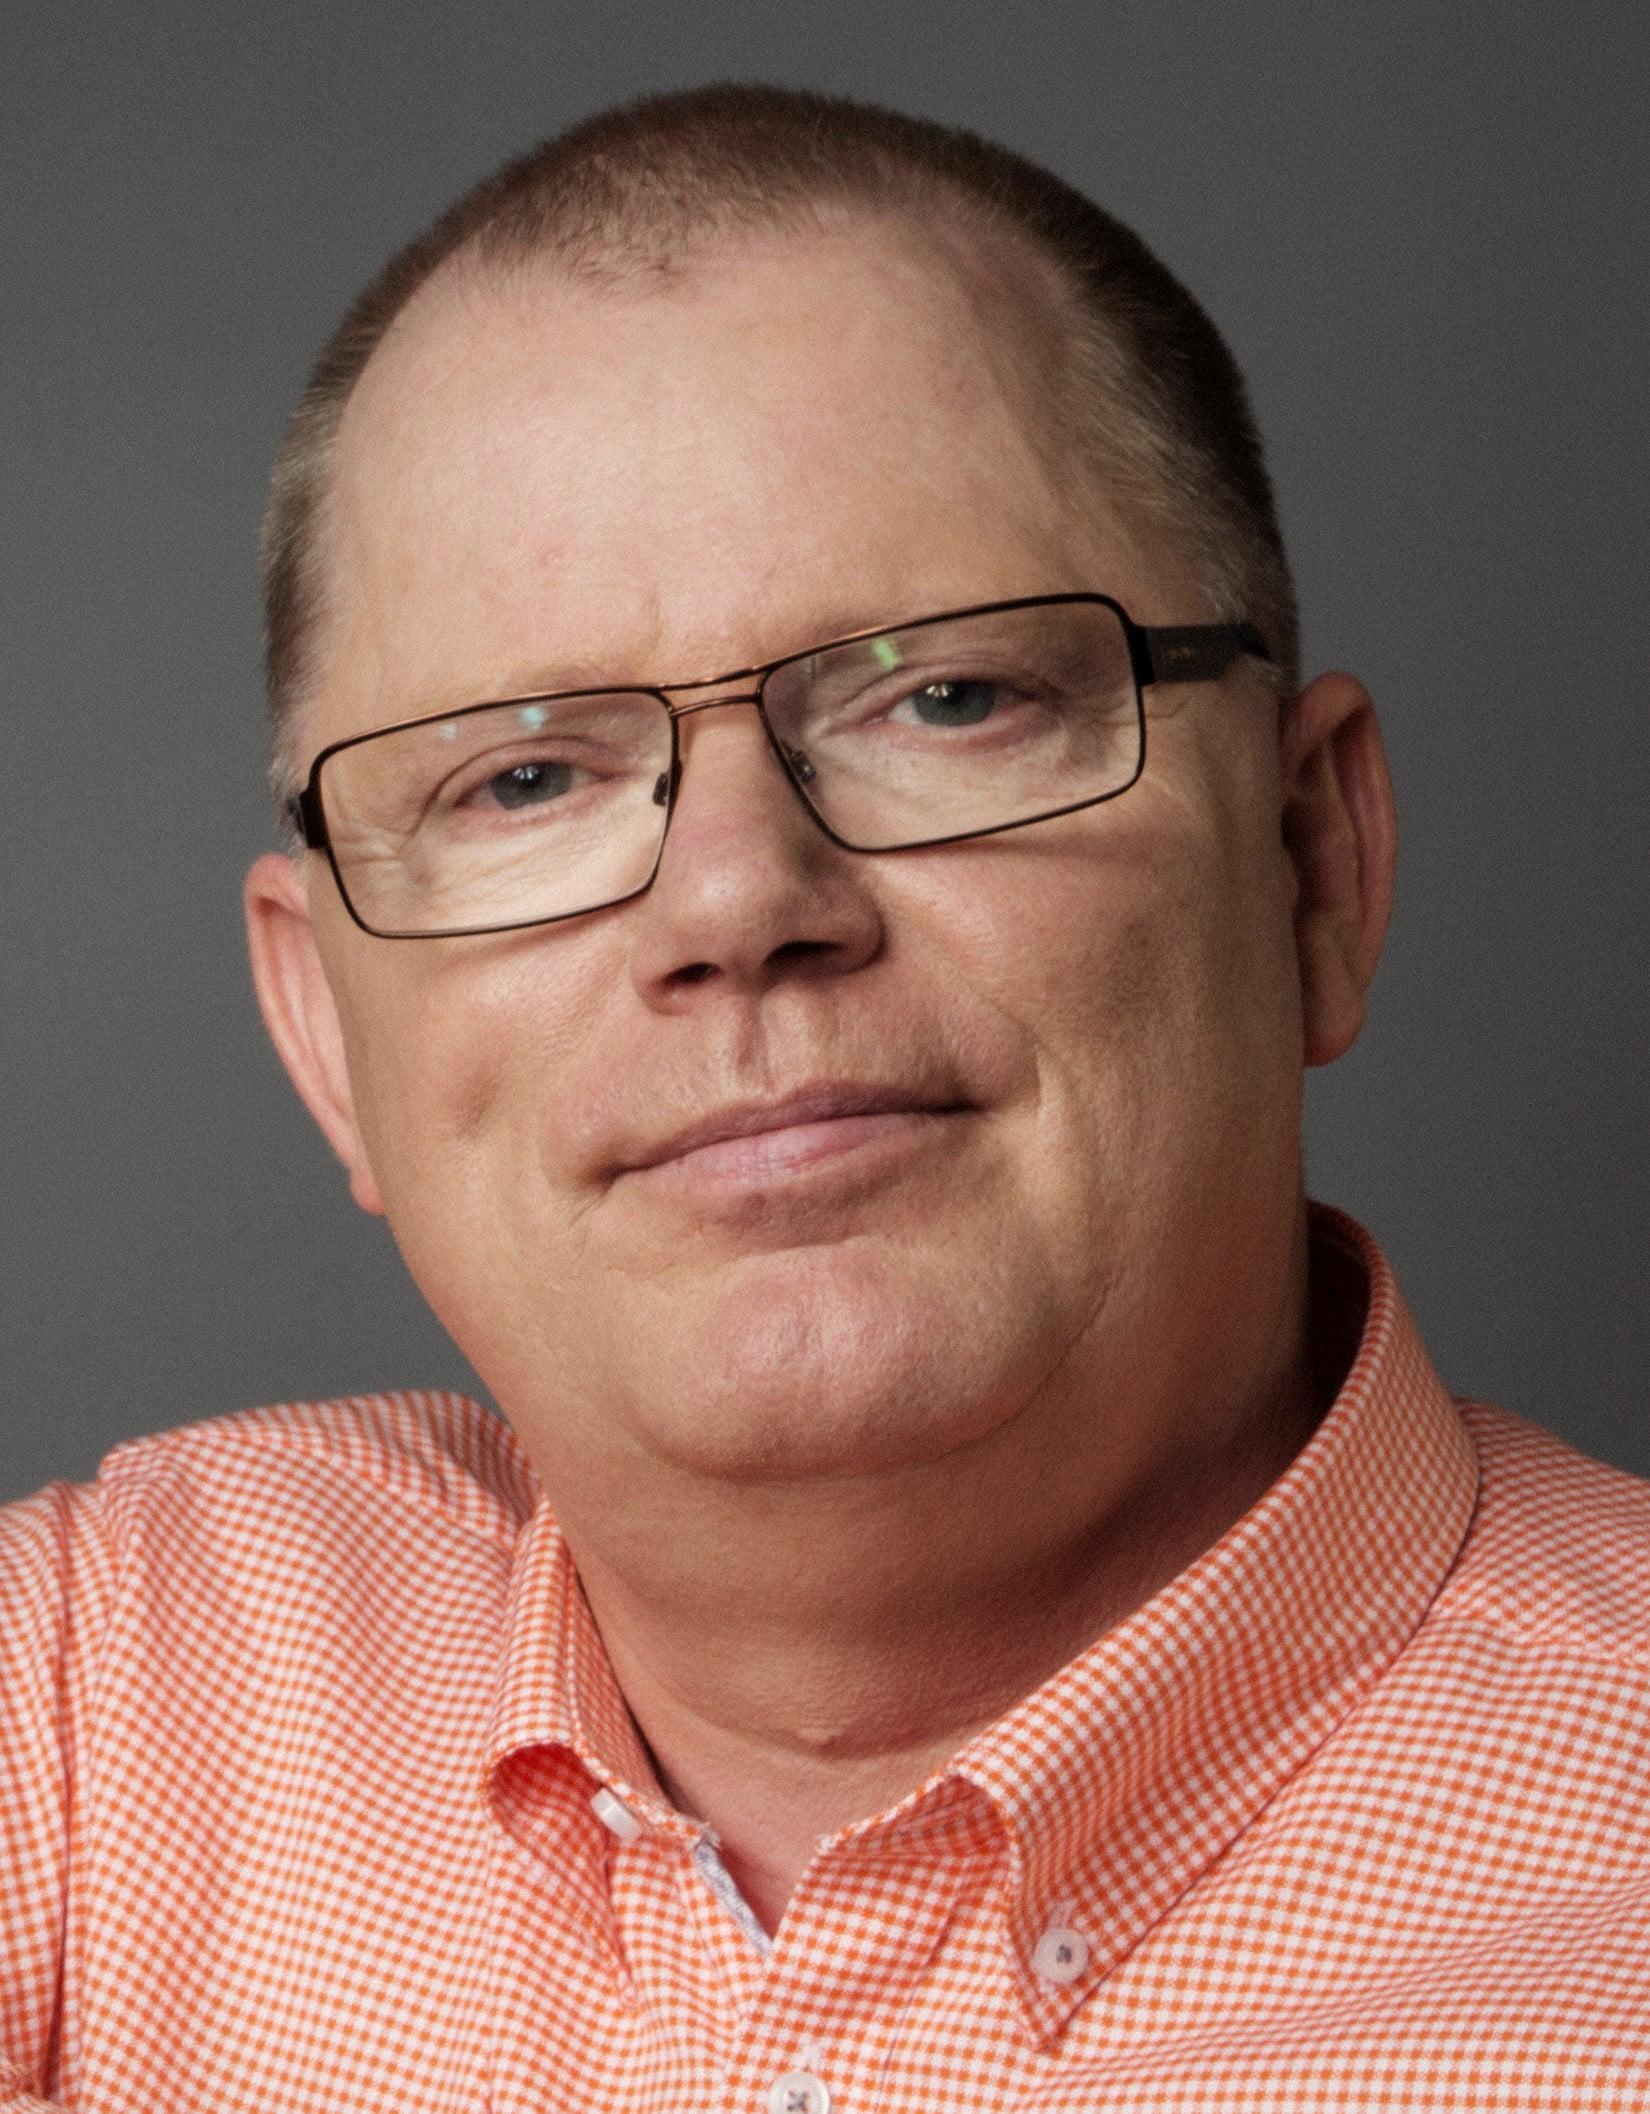 Þórir Garðarsson